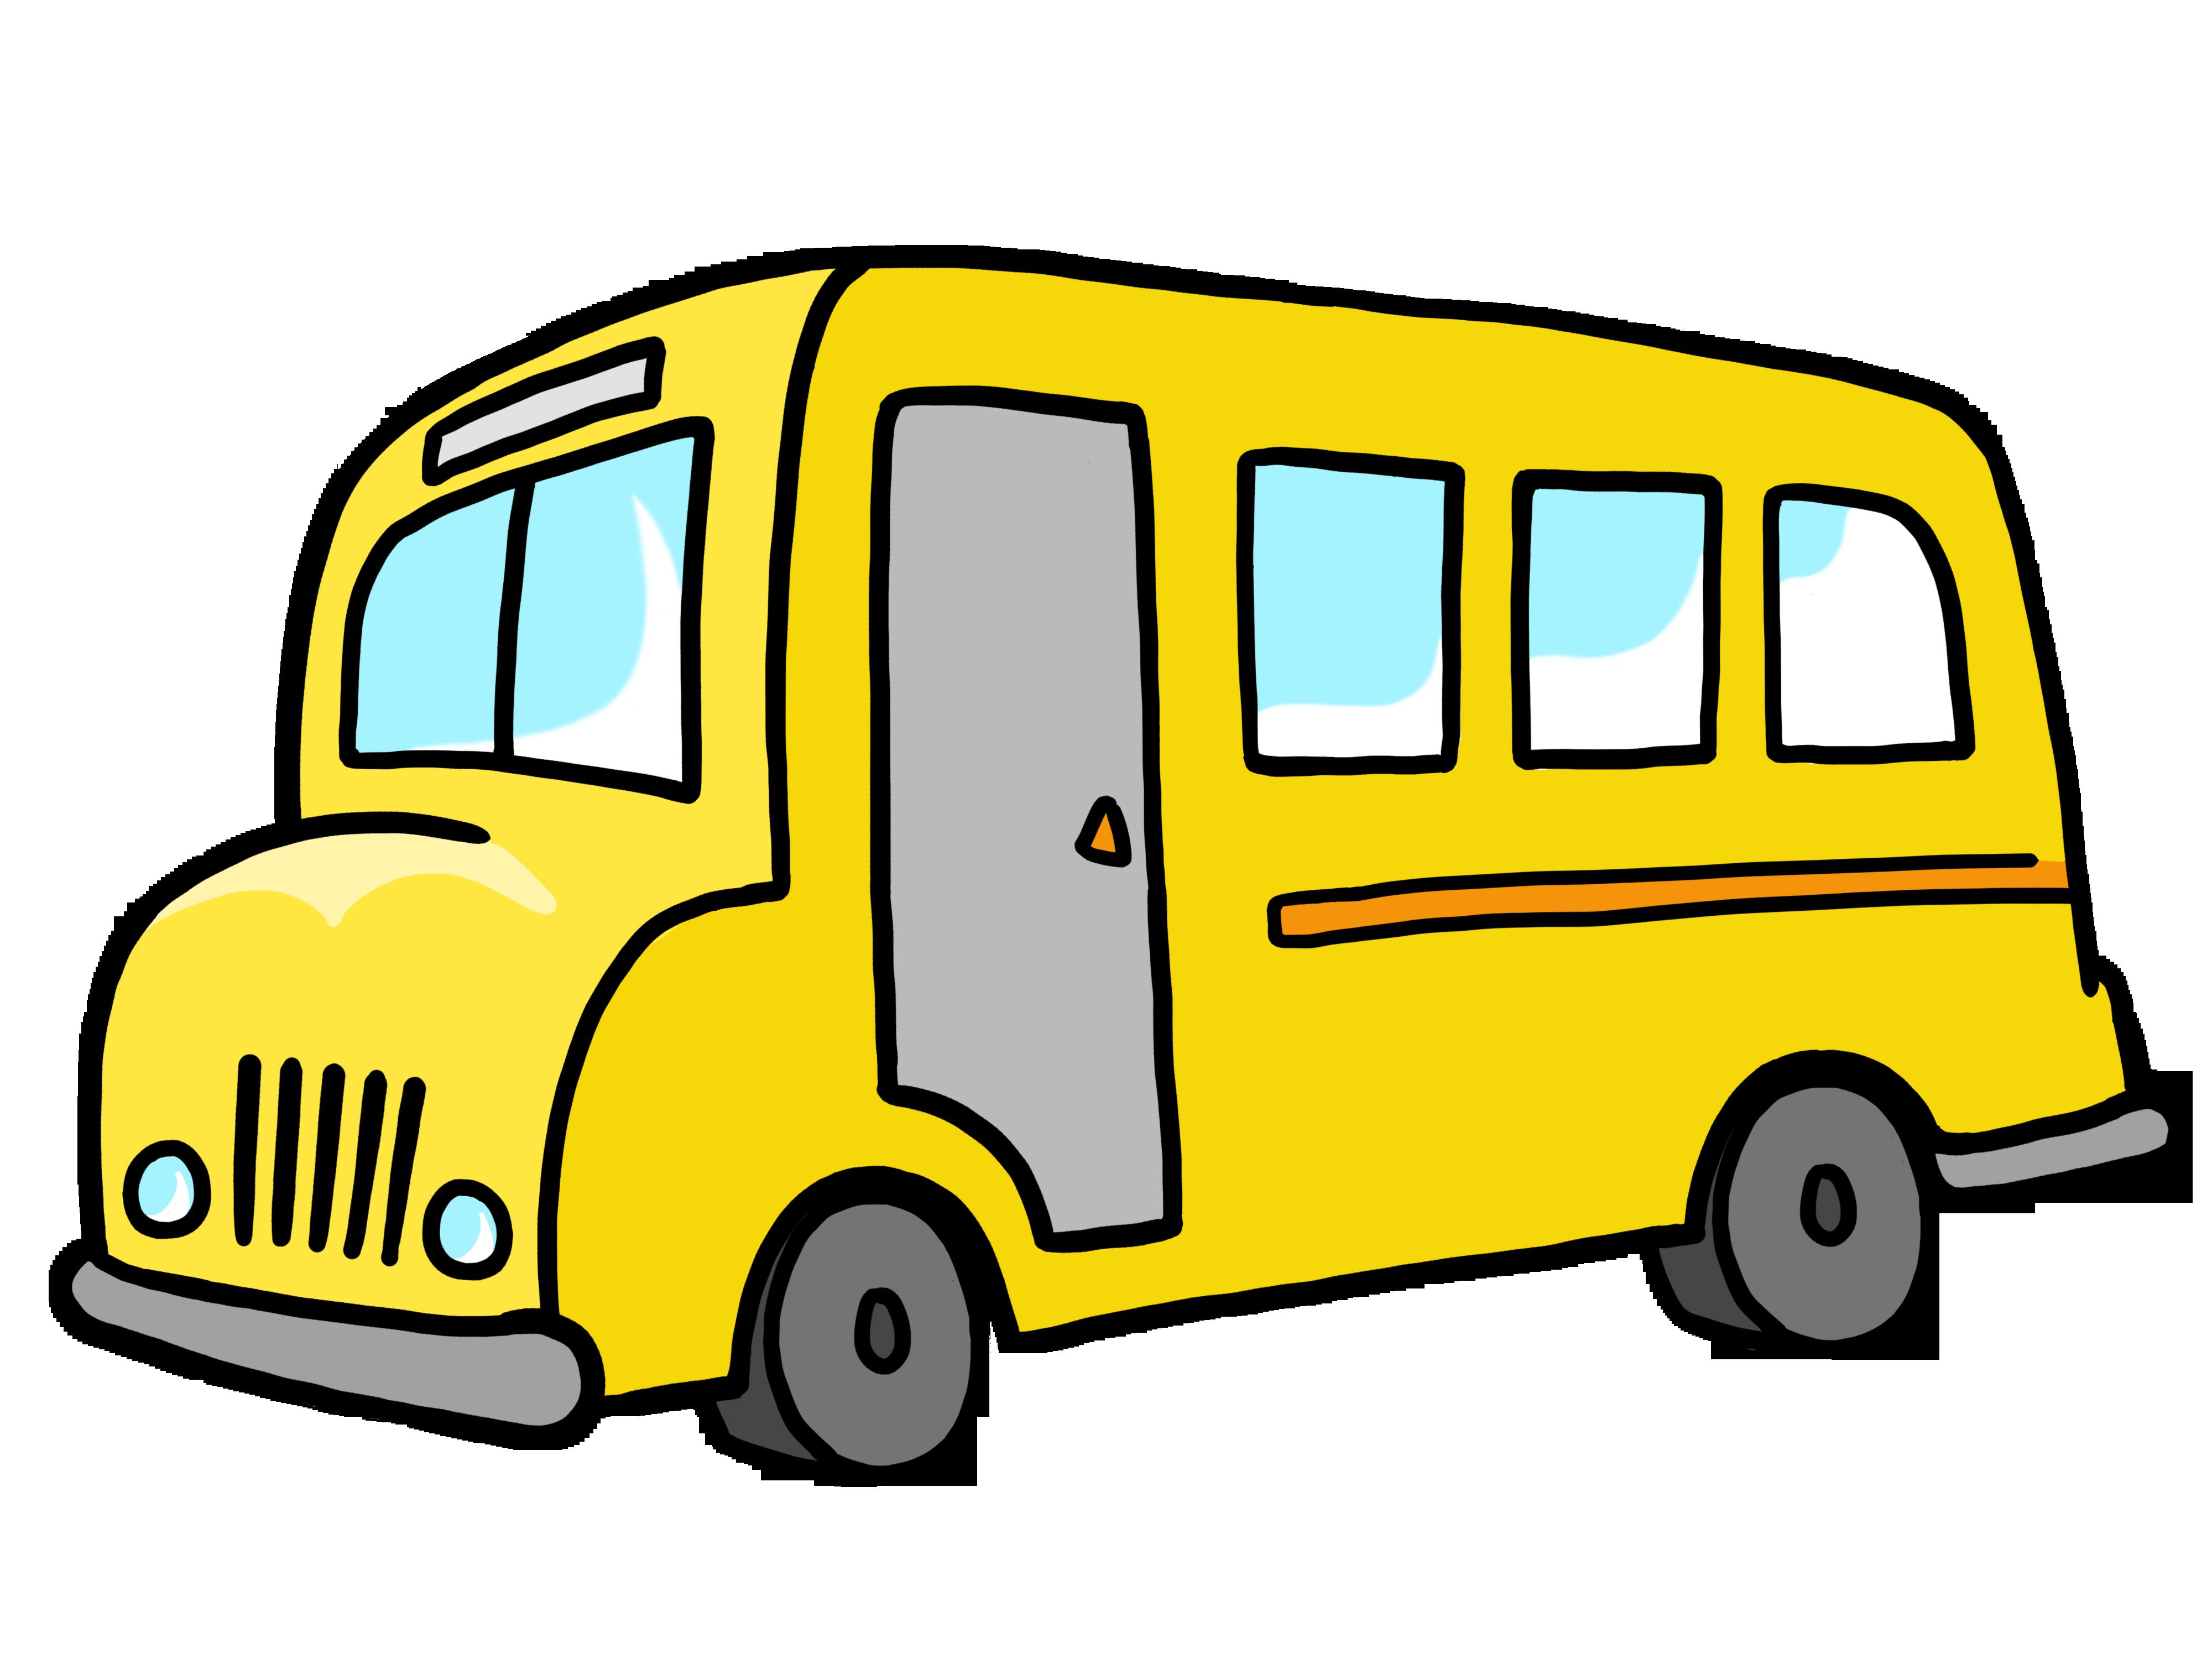 4000x3000 Free School Bus Clip Art Buses Clipartix 3